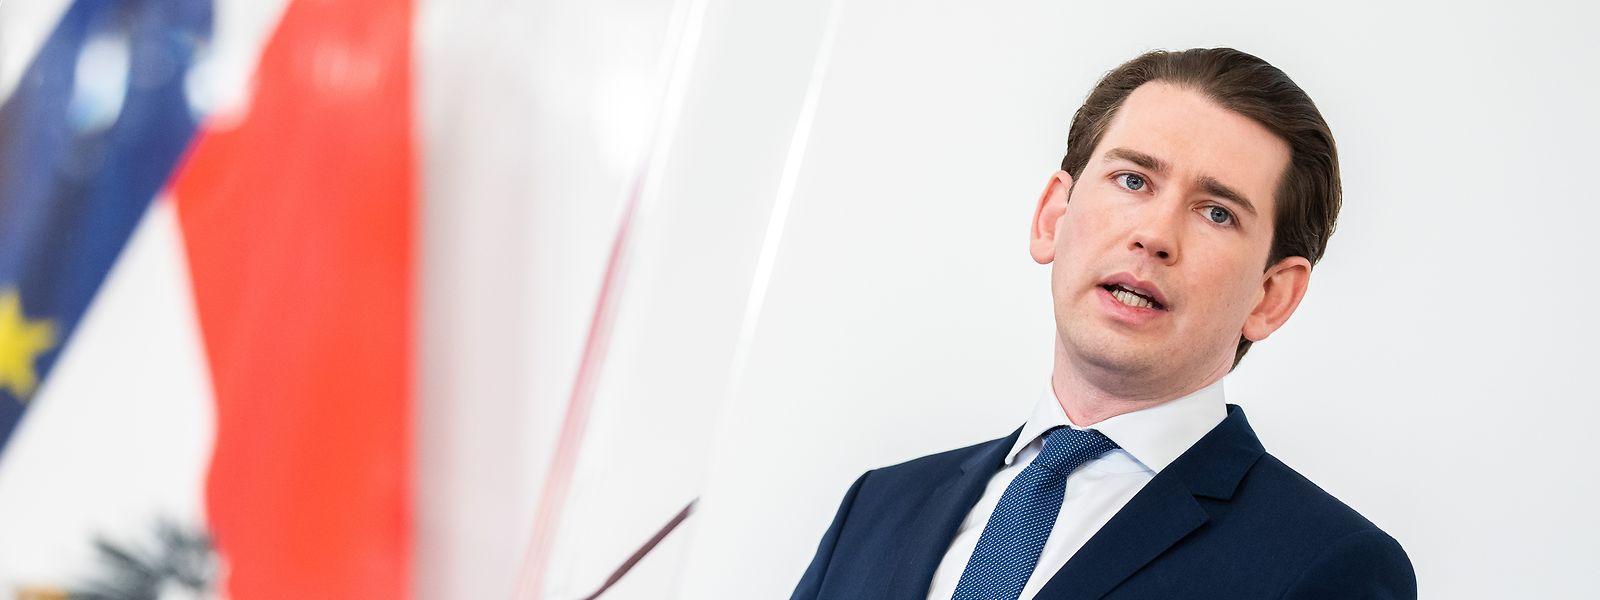 Österreichs Bundeskanzler Sebastian Kurz gerät mehr und mehr in Bedrängnis.